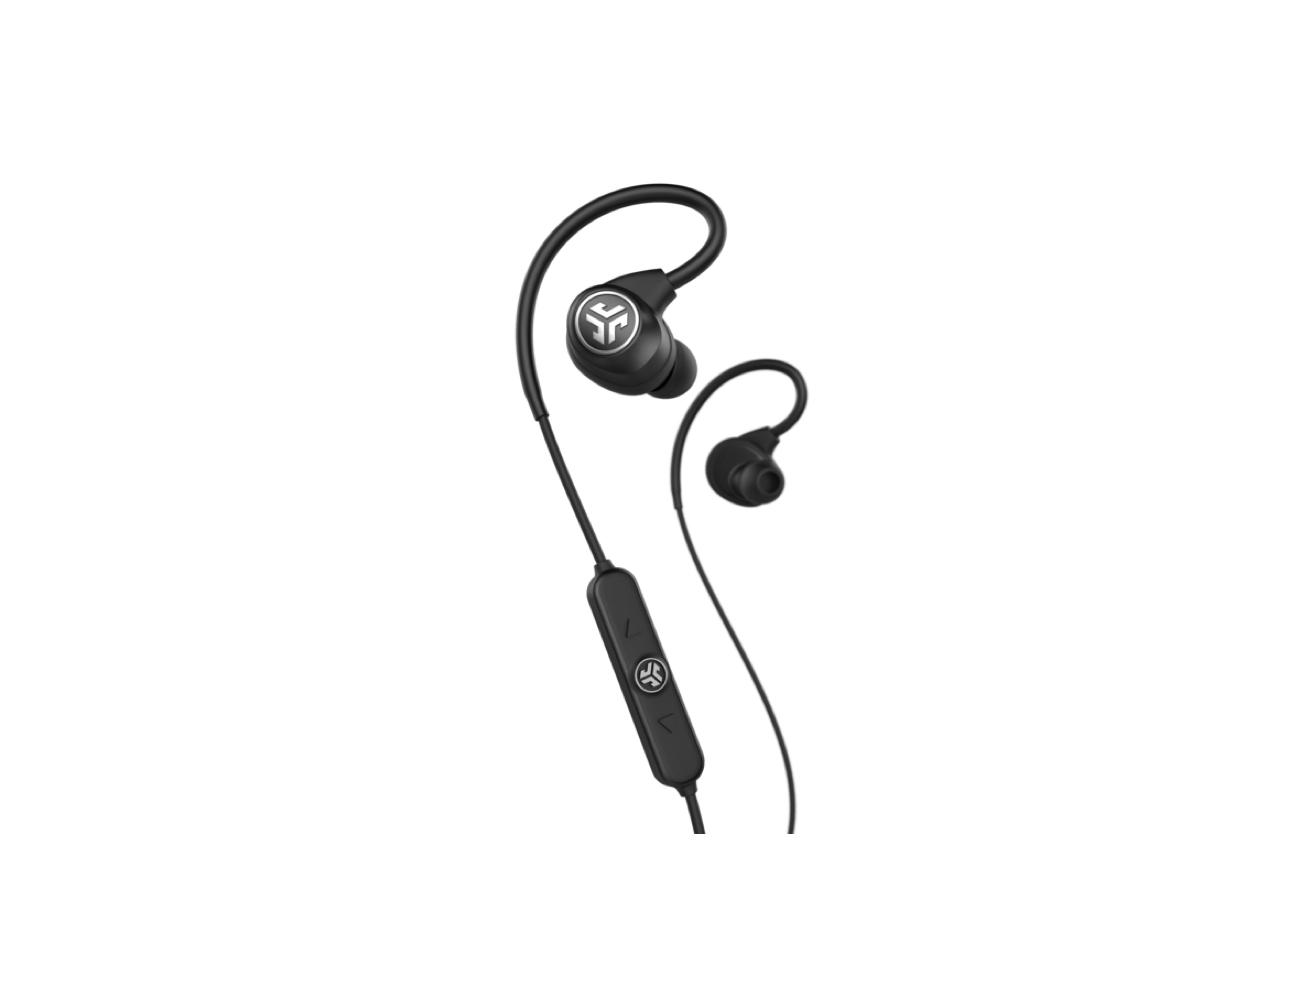 JLab Audio Epic Sport Wireless Earbuds